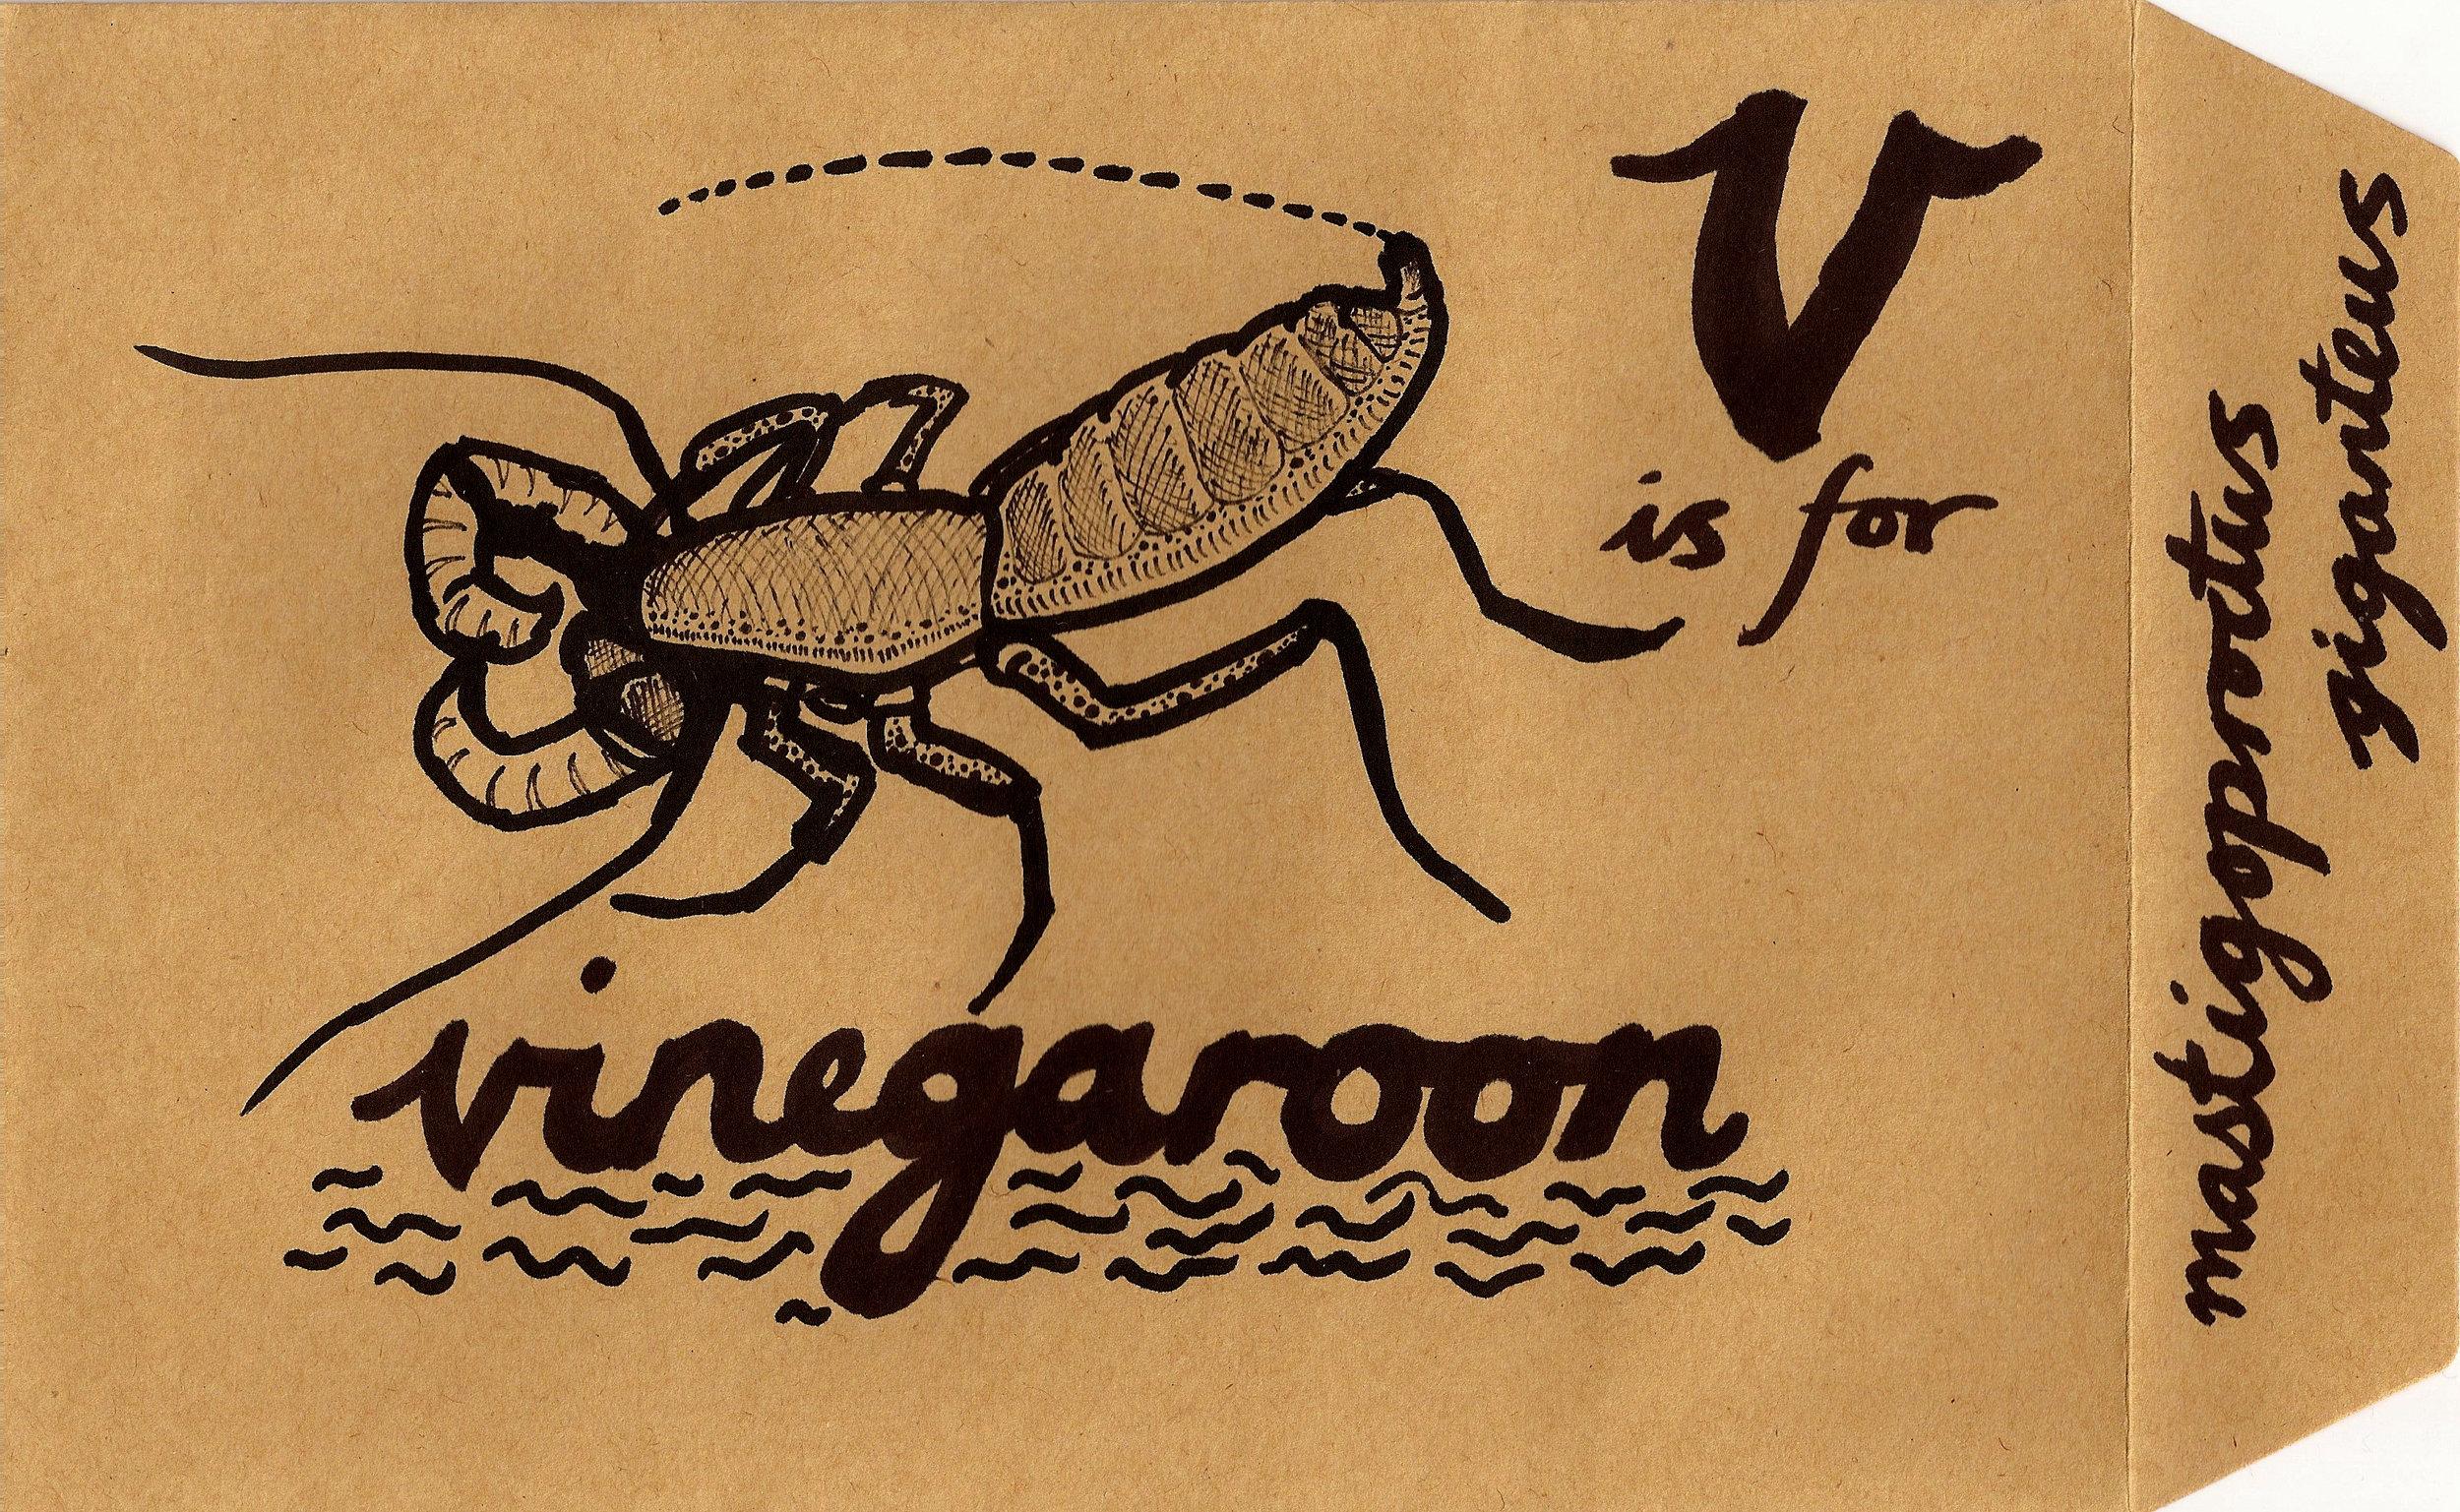 Vinegaroon.jpg